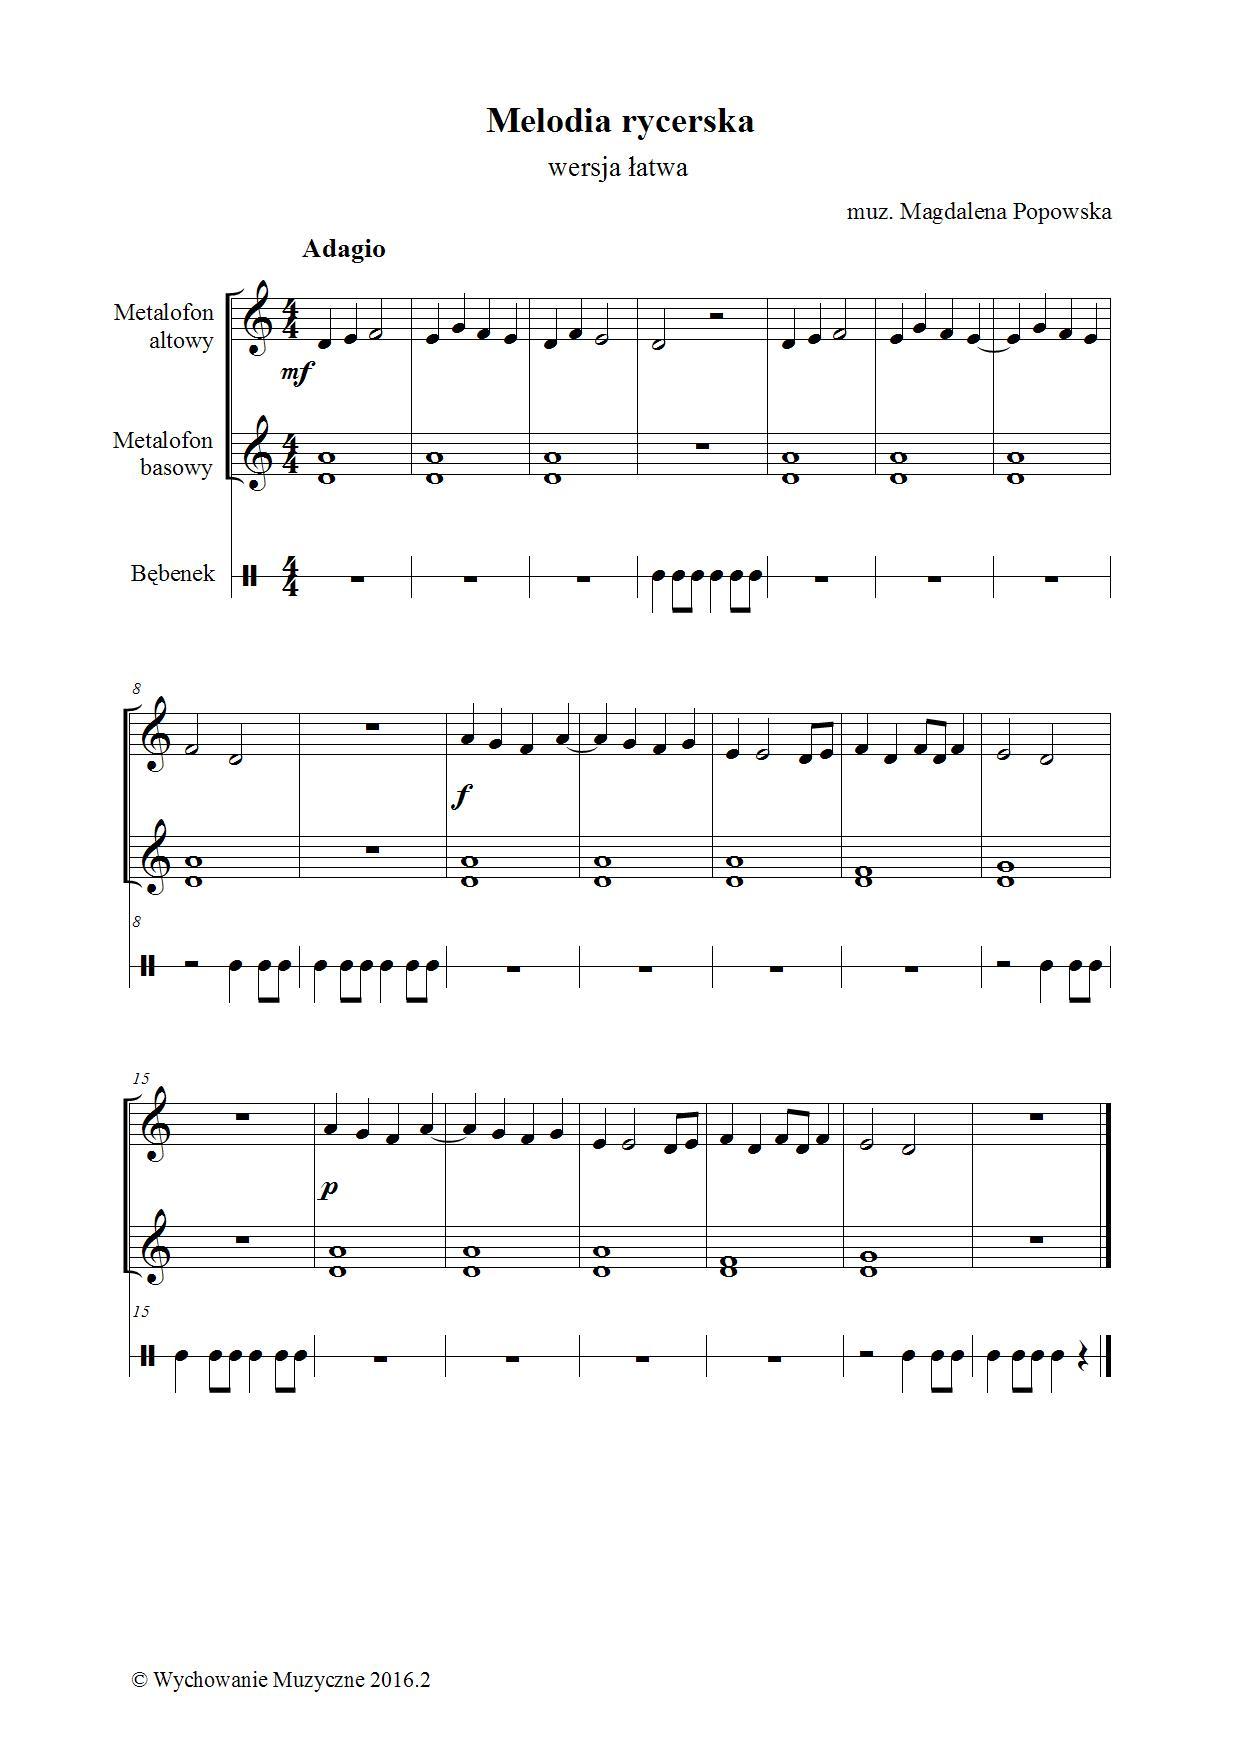 Melodia rycerska I